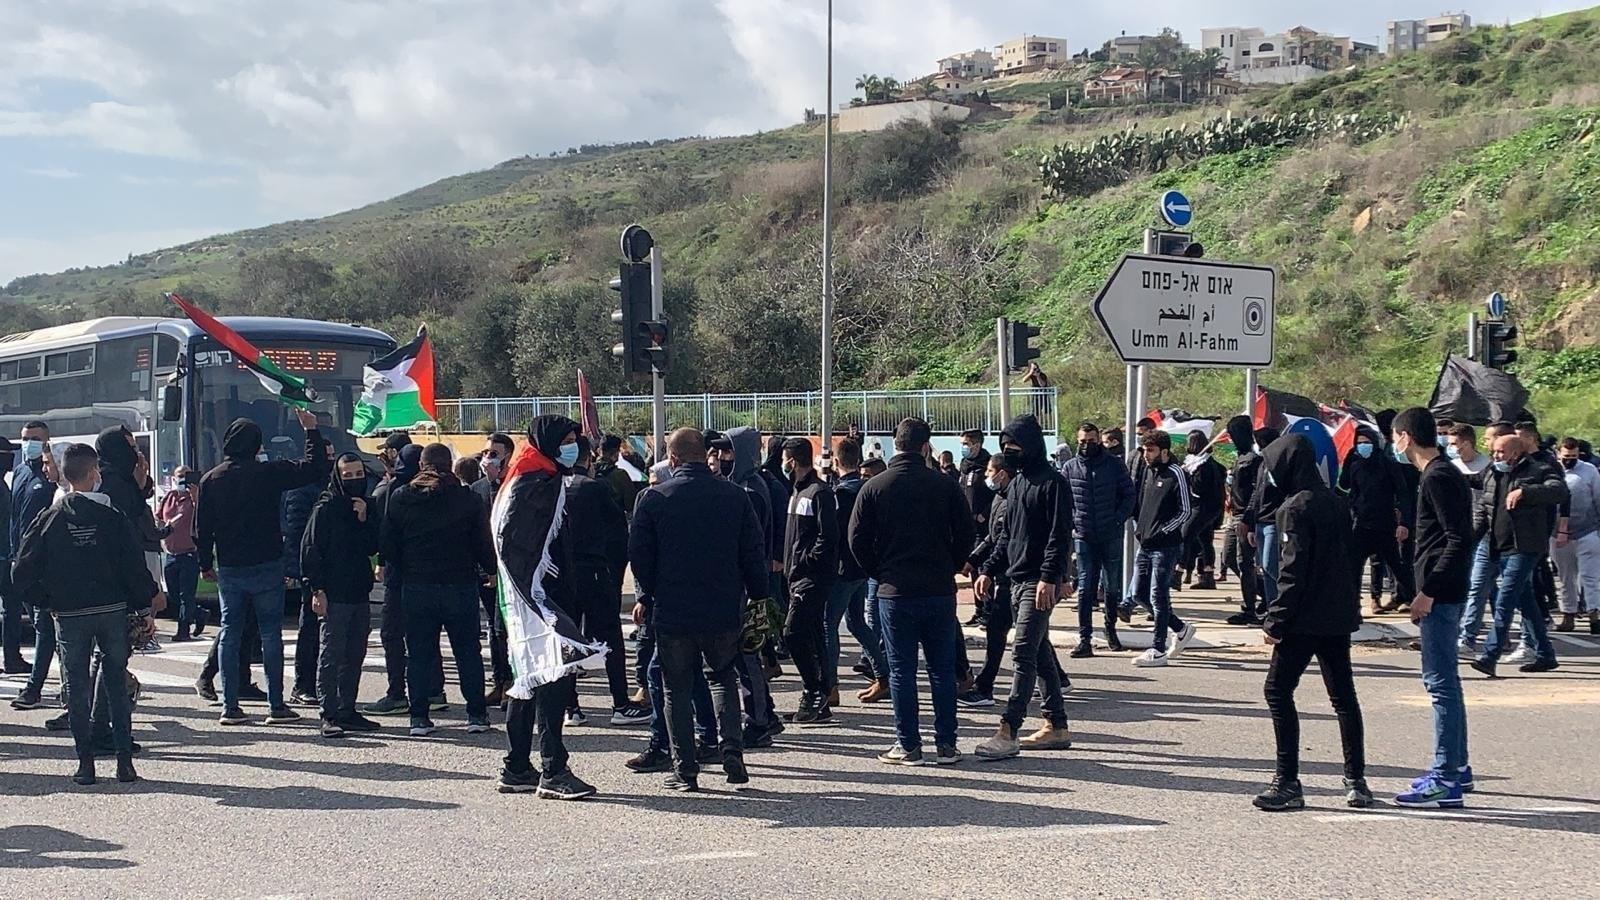 تجدّد الإحتجاجات عند مدخل مدينة أم الفحم الفلسطينية